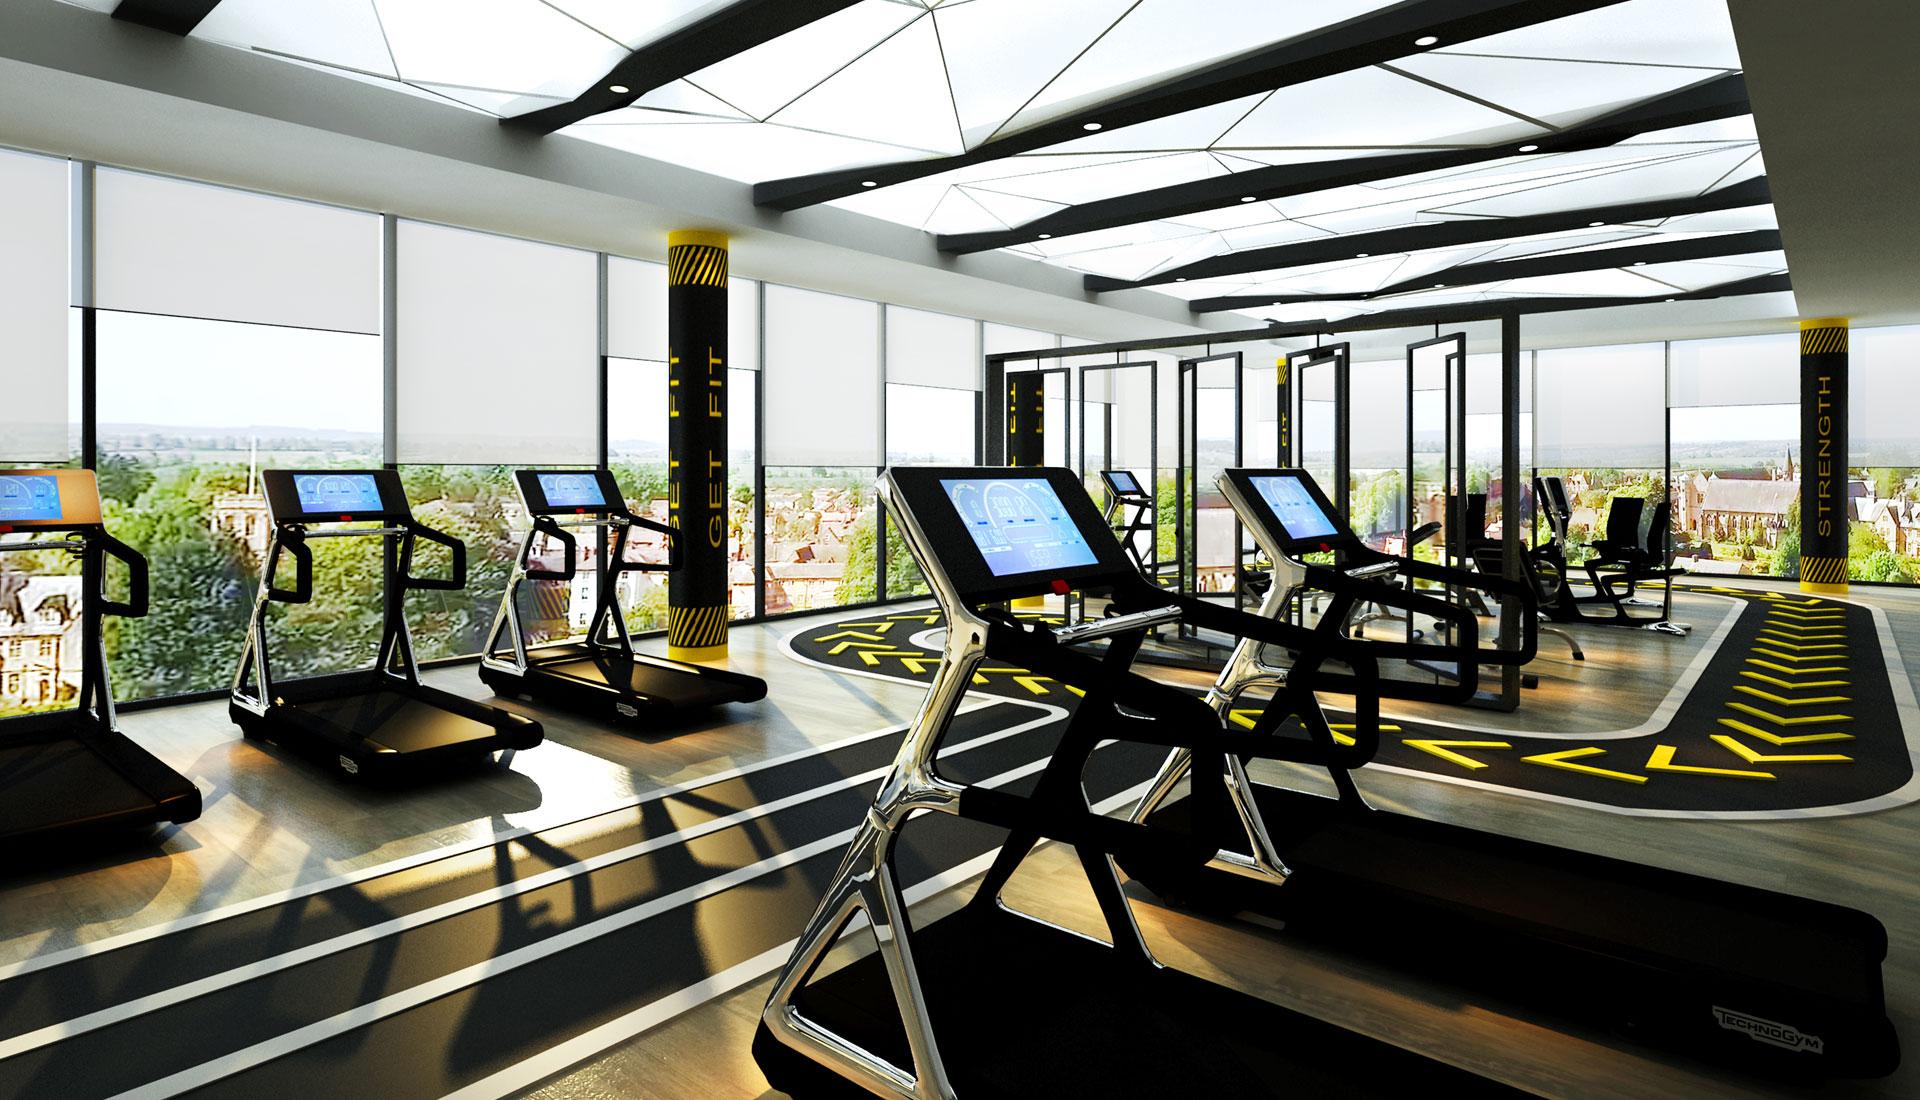 Met1_gym-area